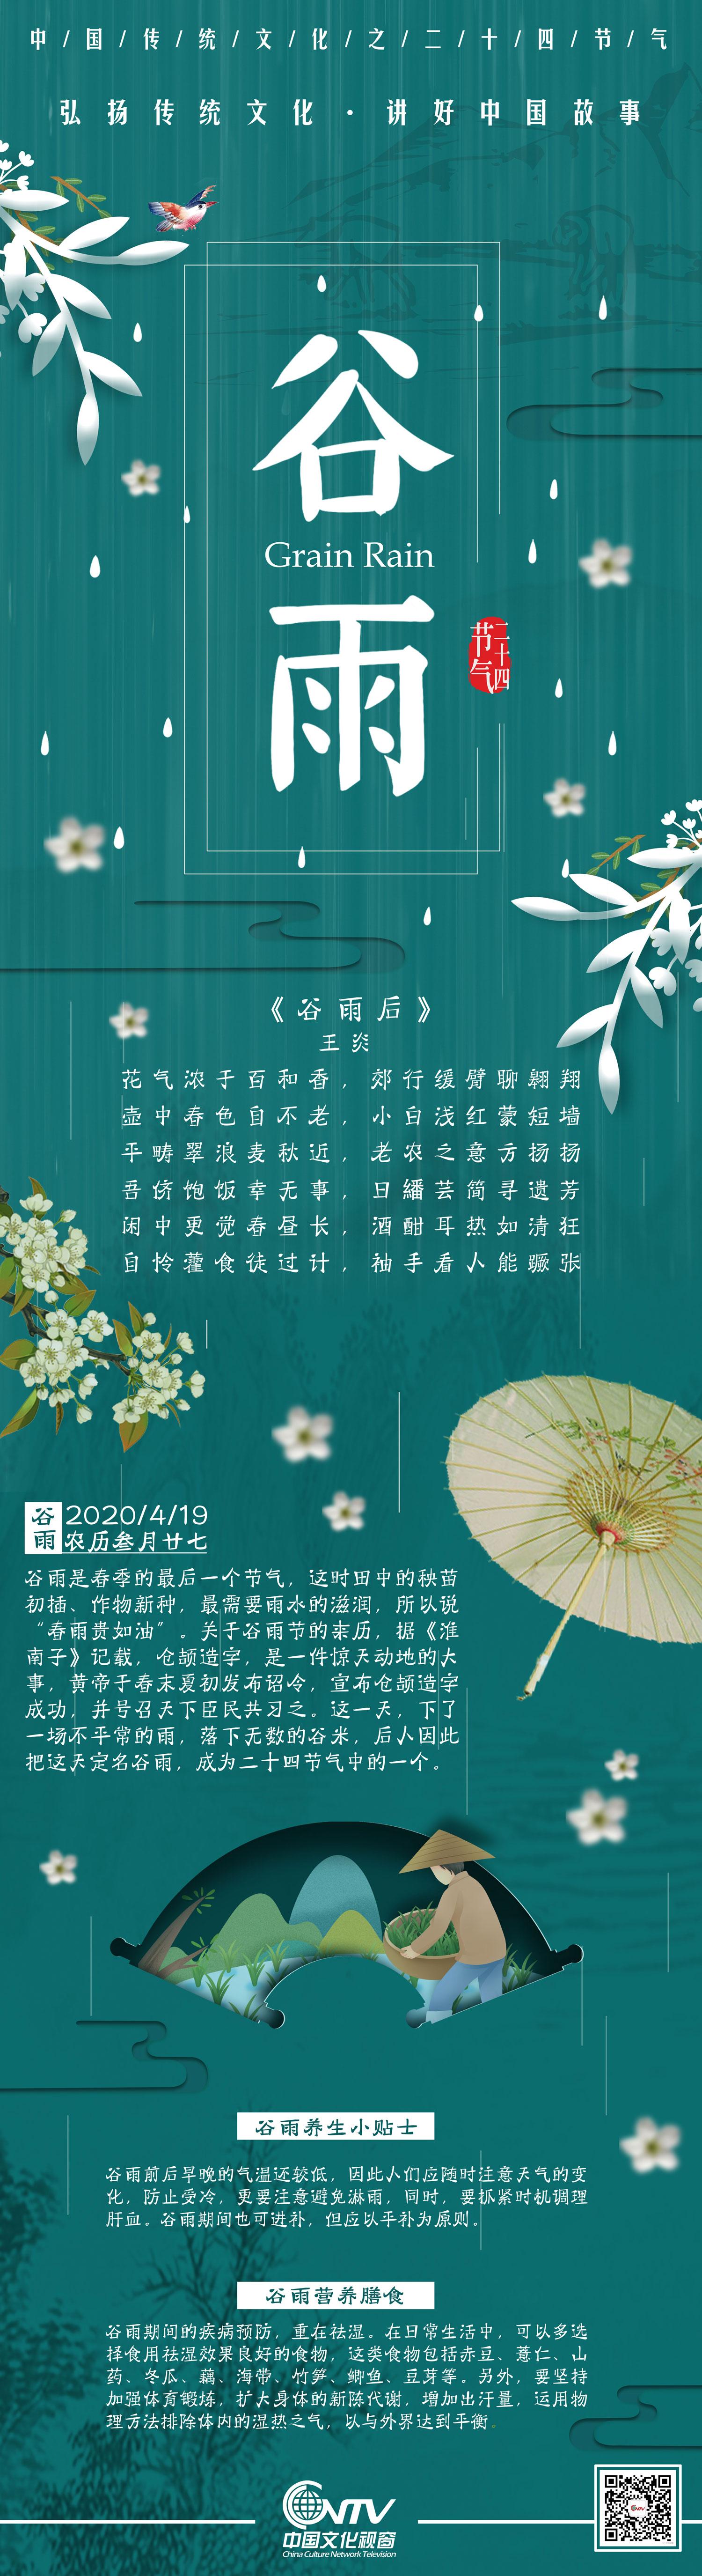 """中国传统文化二十四节气之""""谷雨""""#一分钟看中国"""